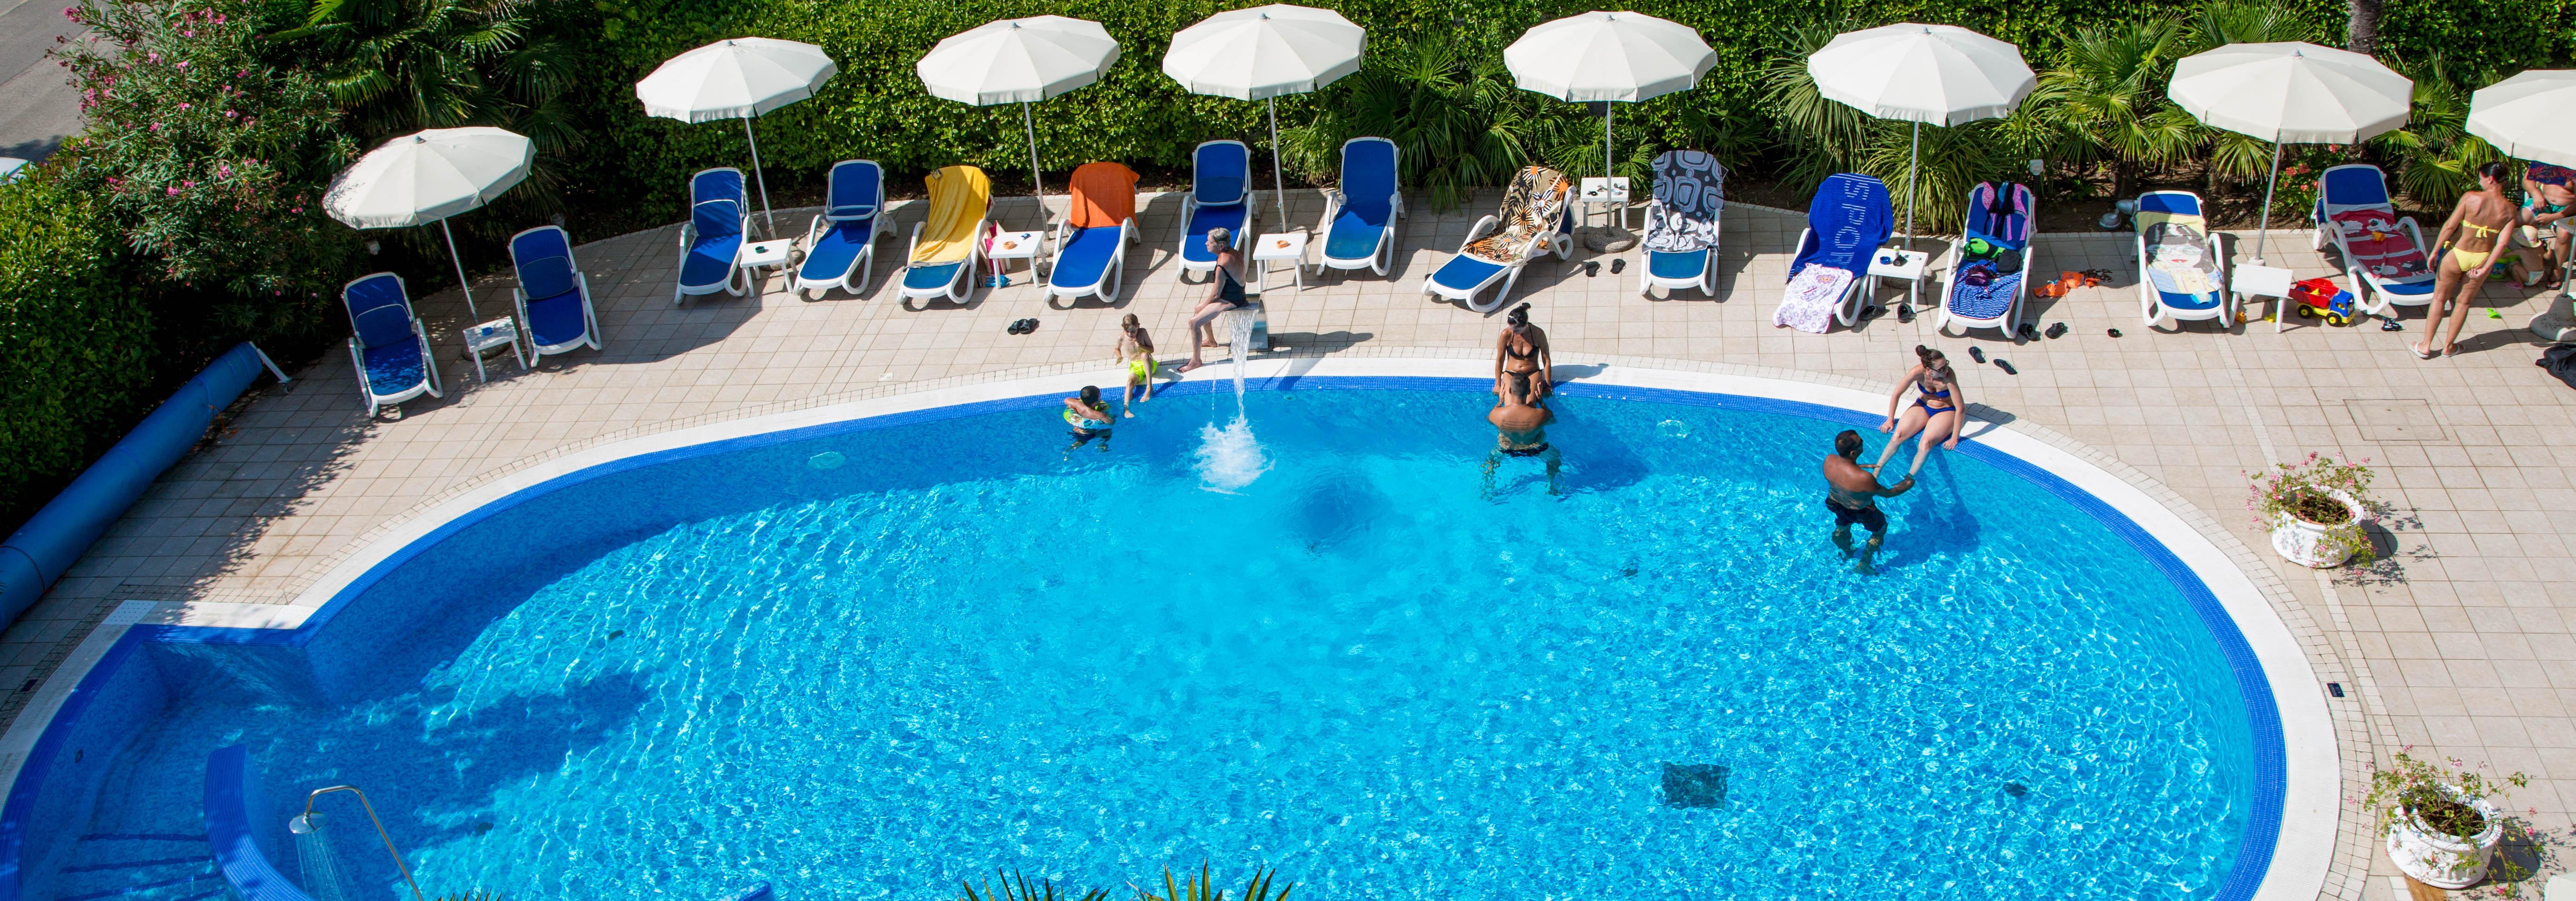 Hotel 4 stelle jesolo con piscina hotel helios jesolo - Hotel merano 4 stelle con piscina ...